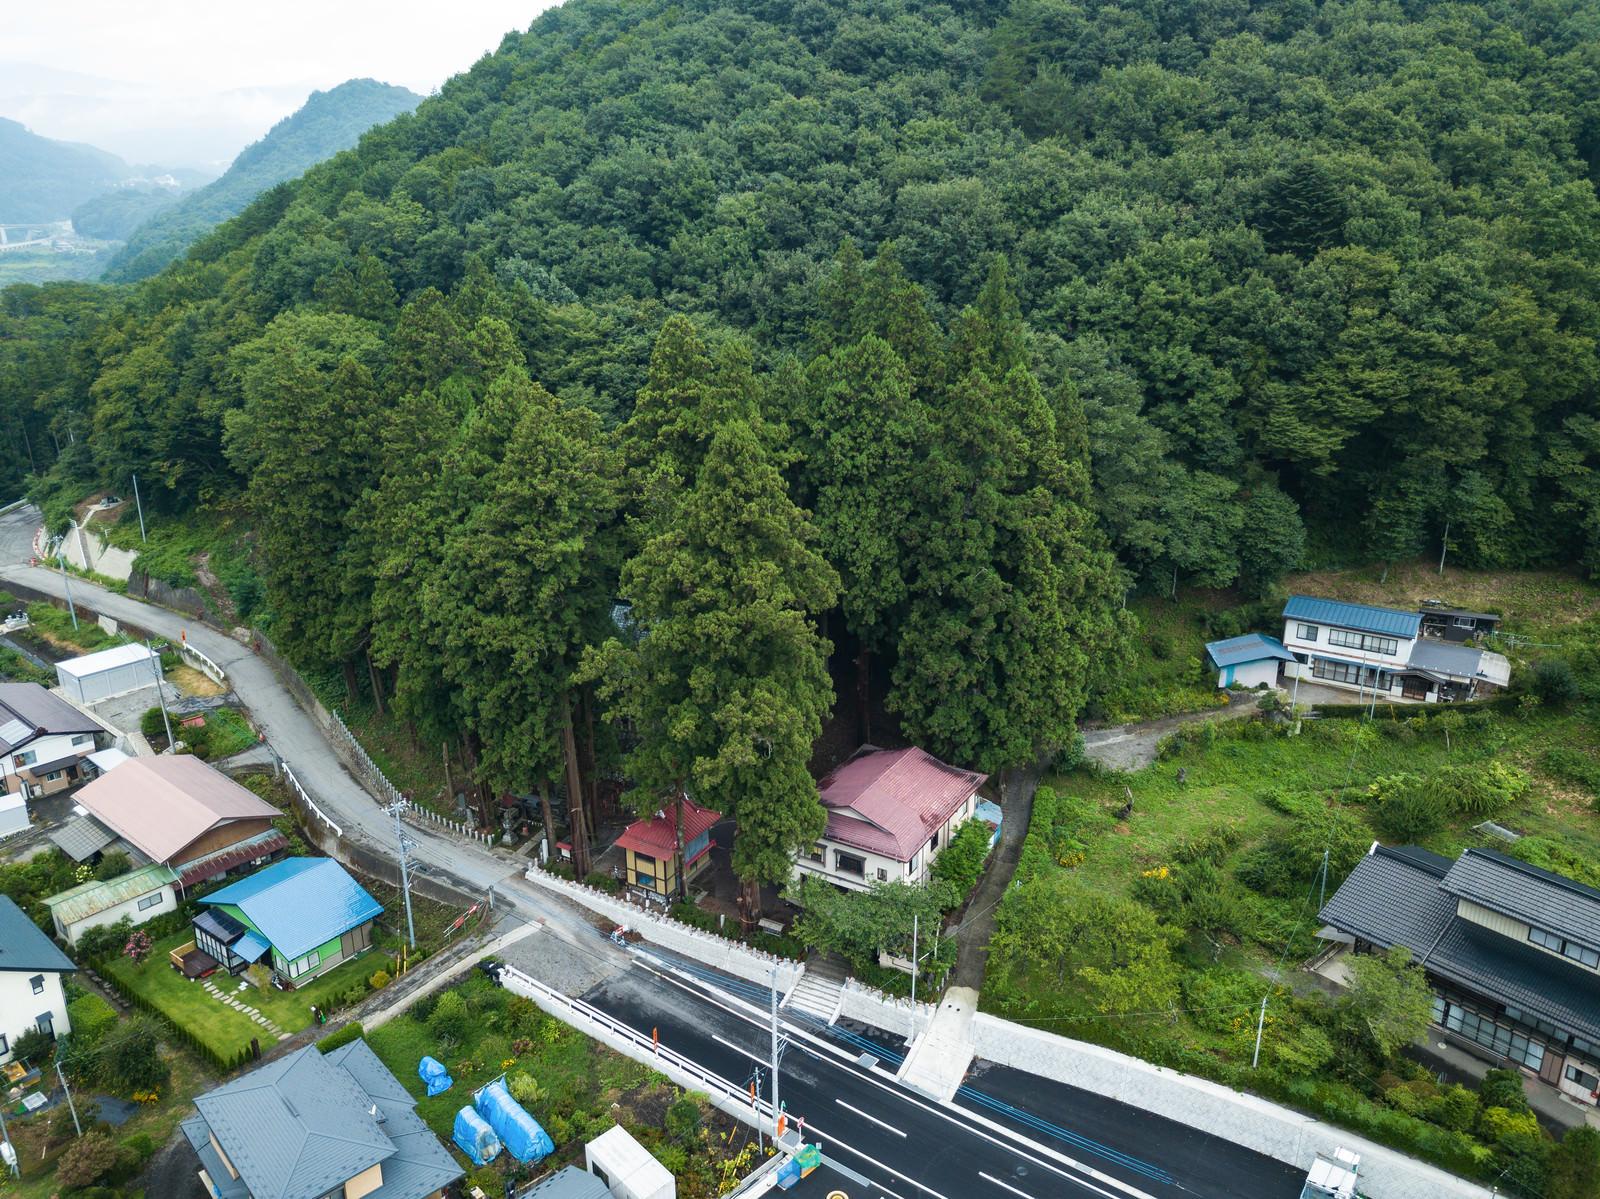 「長野原町指定天然記念物の「神杉」に覆われた王城山神社」の写真